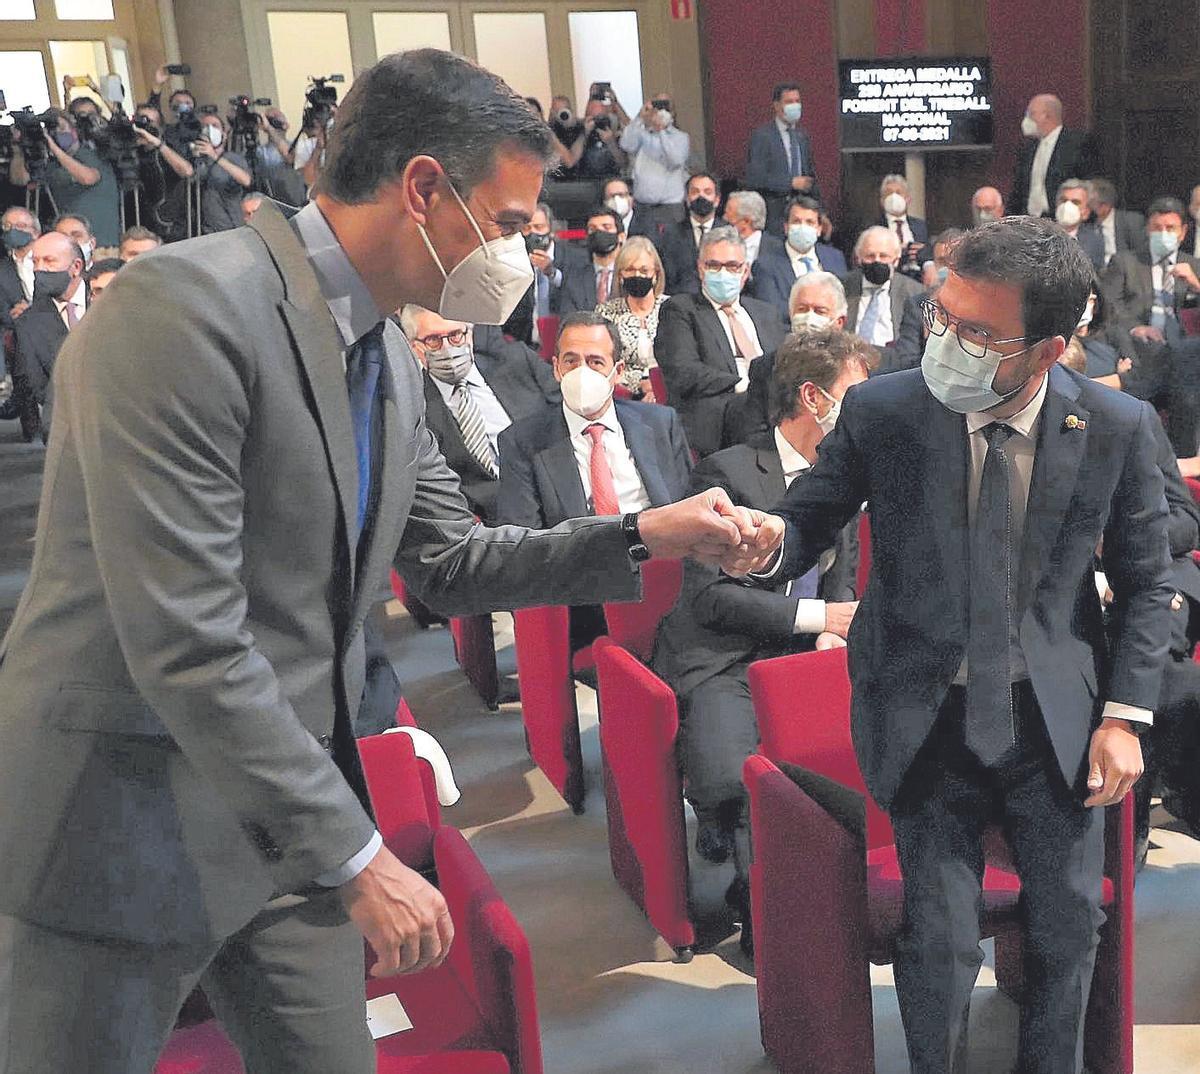 El presidente del Gobierno, Pedro Sánchez, saluda al president de la Generalitat, Pere Aragonès, durante un acto en Foment del Treball a principios de mes.